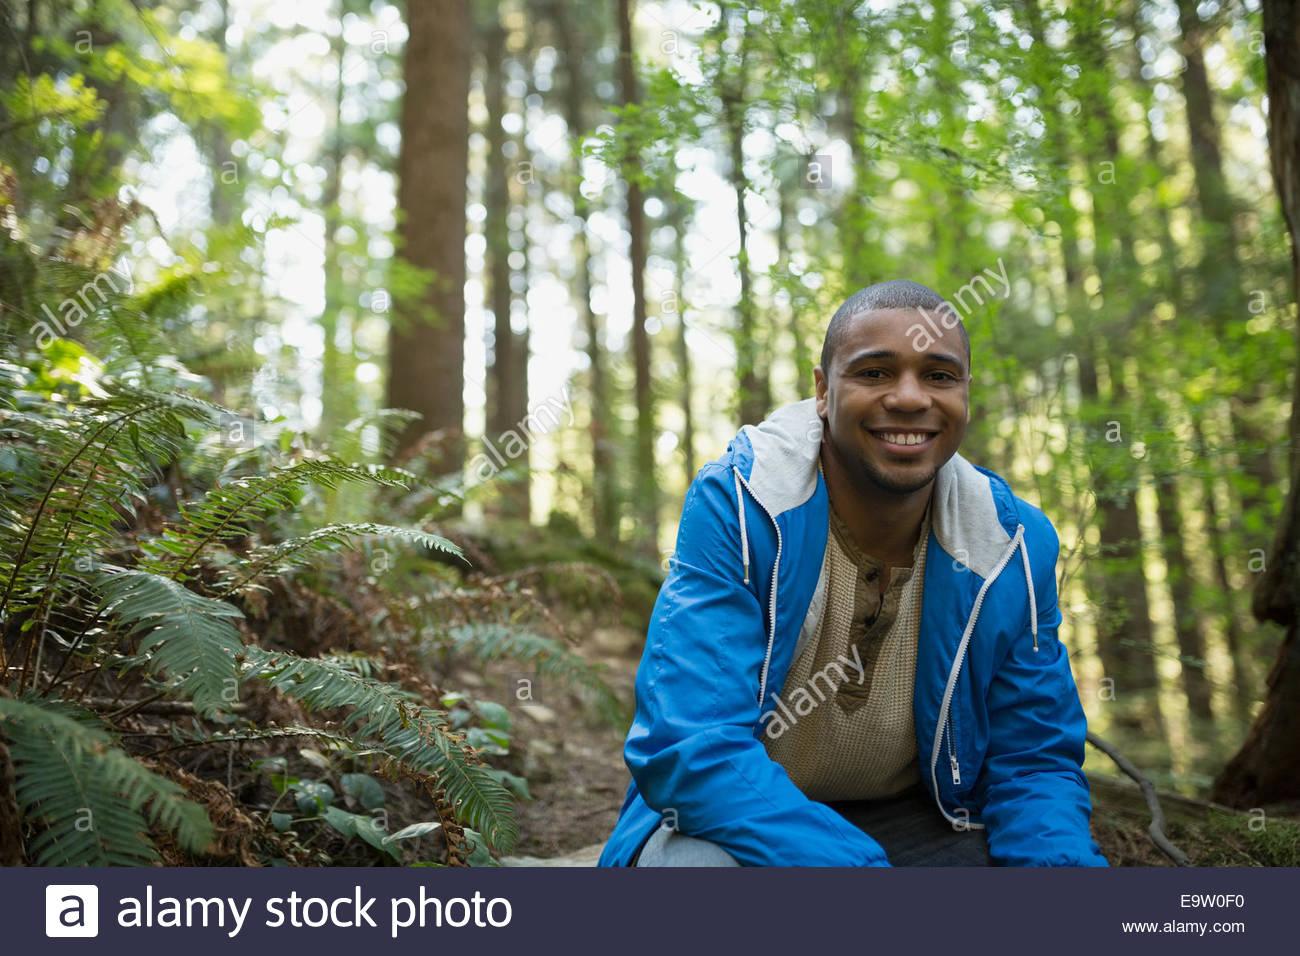 Ritratto di giovane uomo sorridente nel bosco Immagini Stock